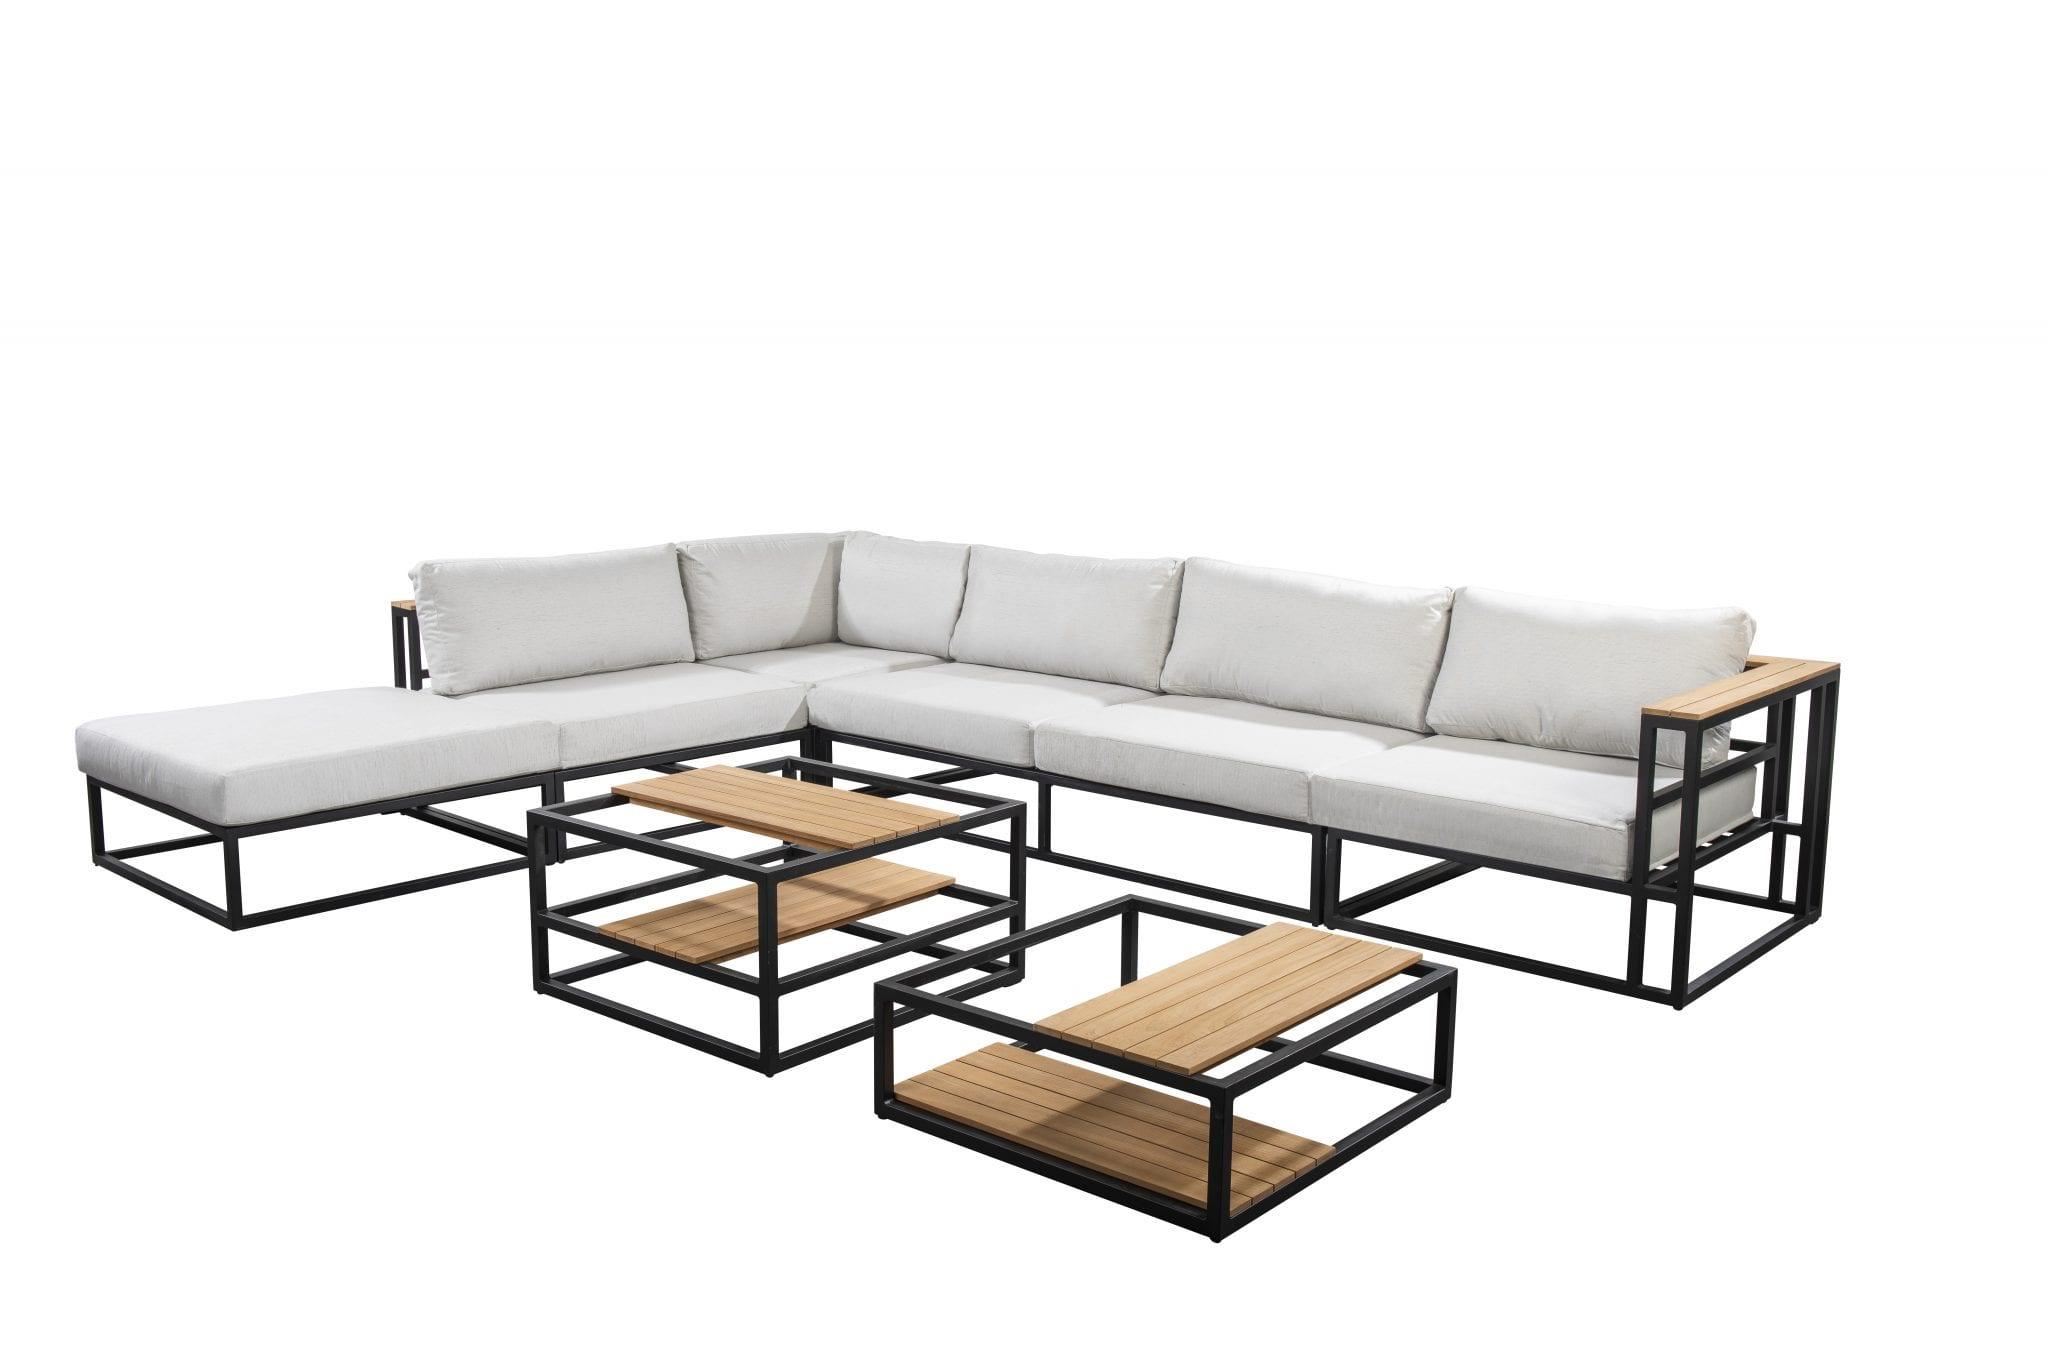 Sora corner set - black | Yoi Furniture